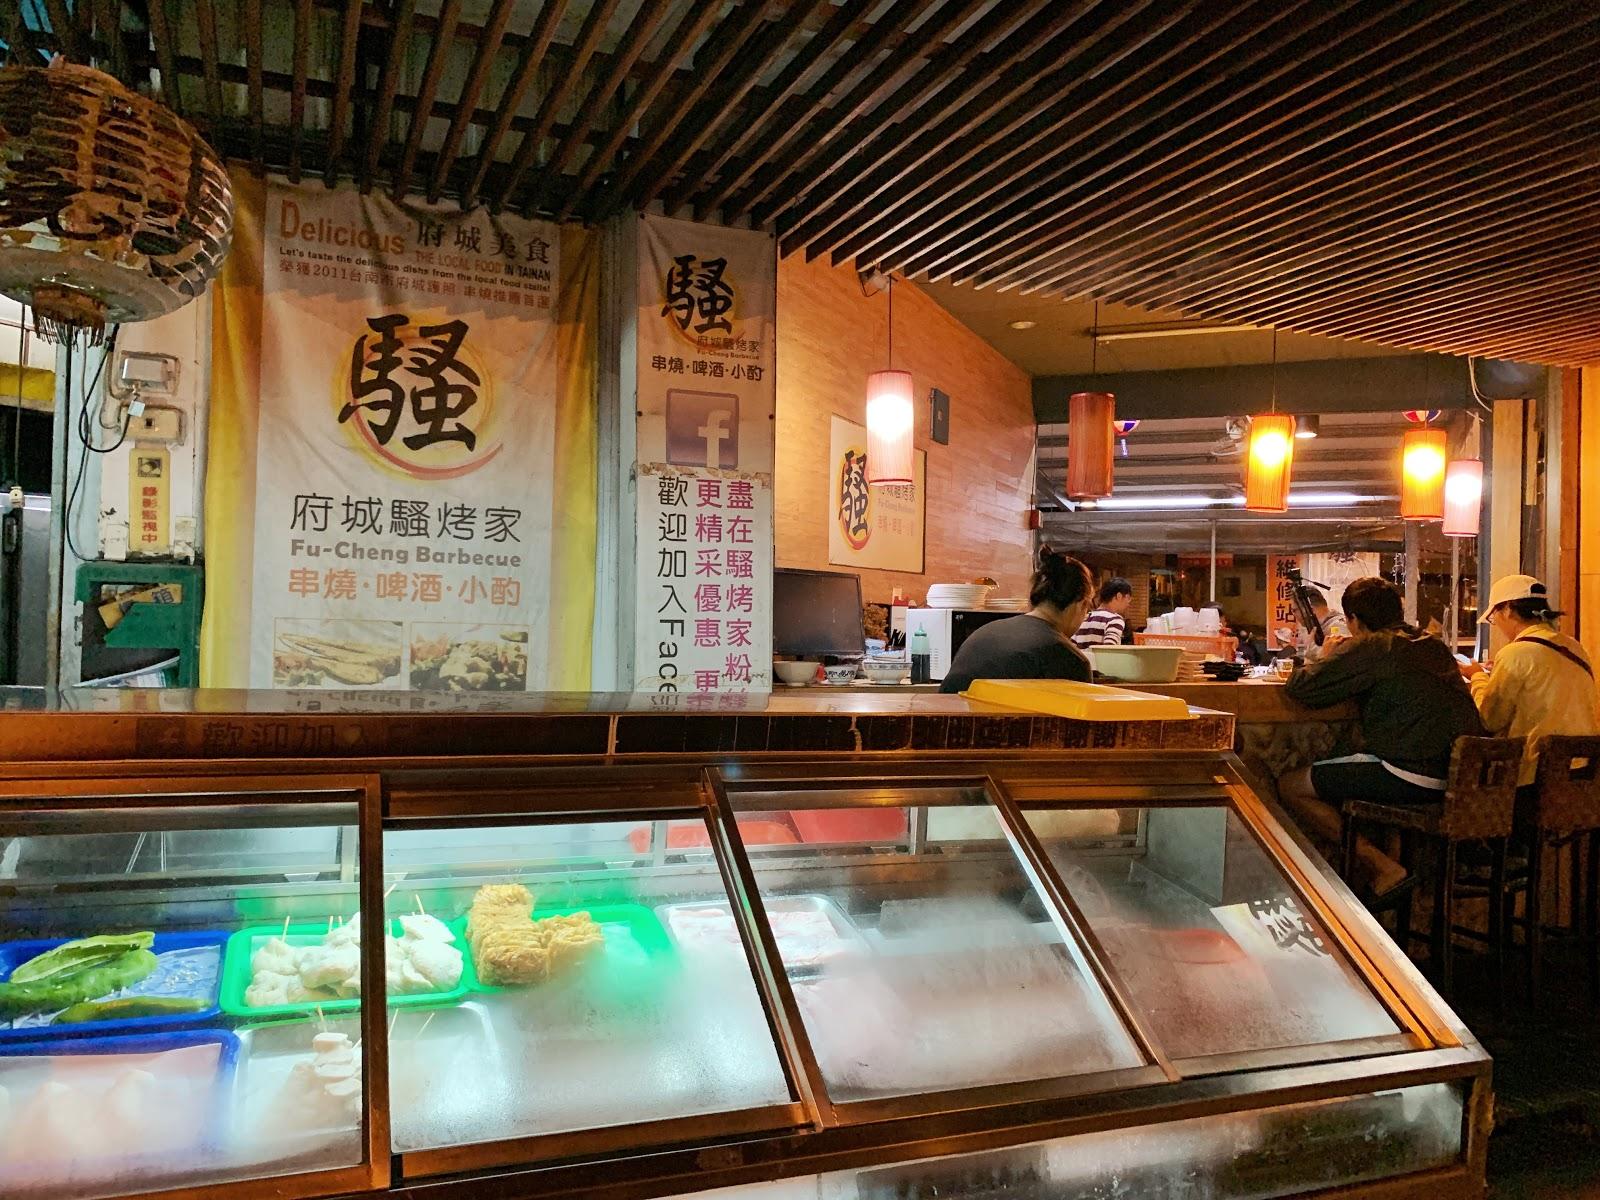 台南東區美食【府城騷烤家】店內環境